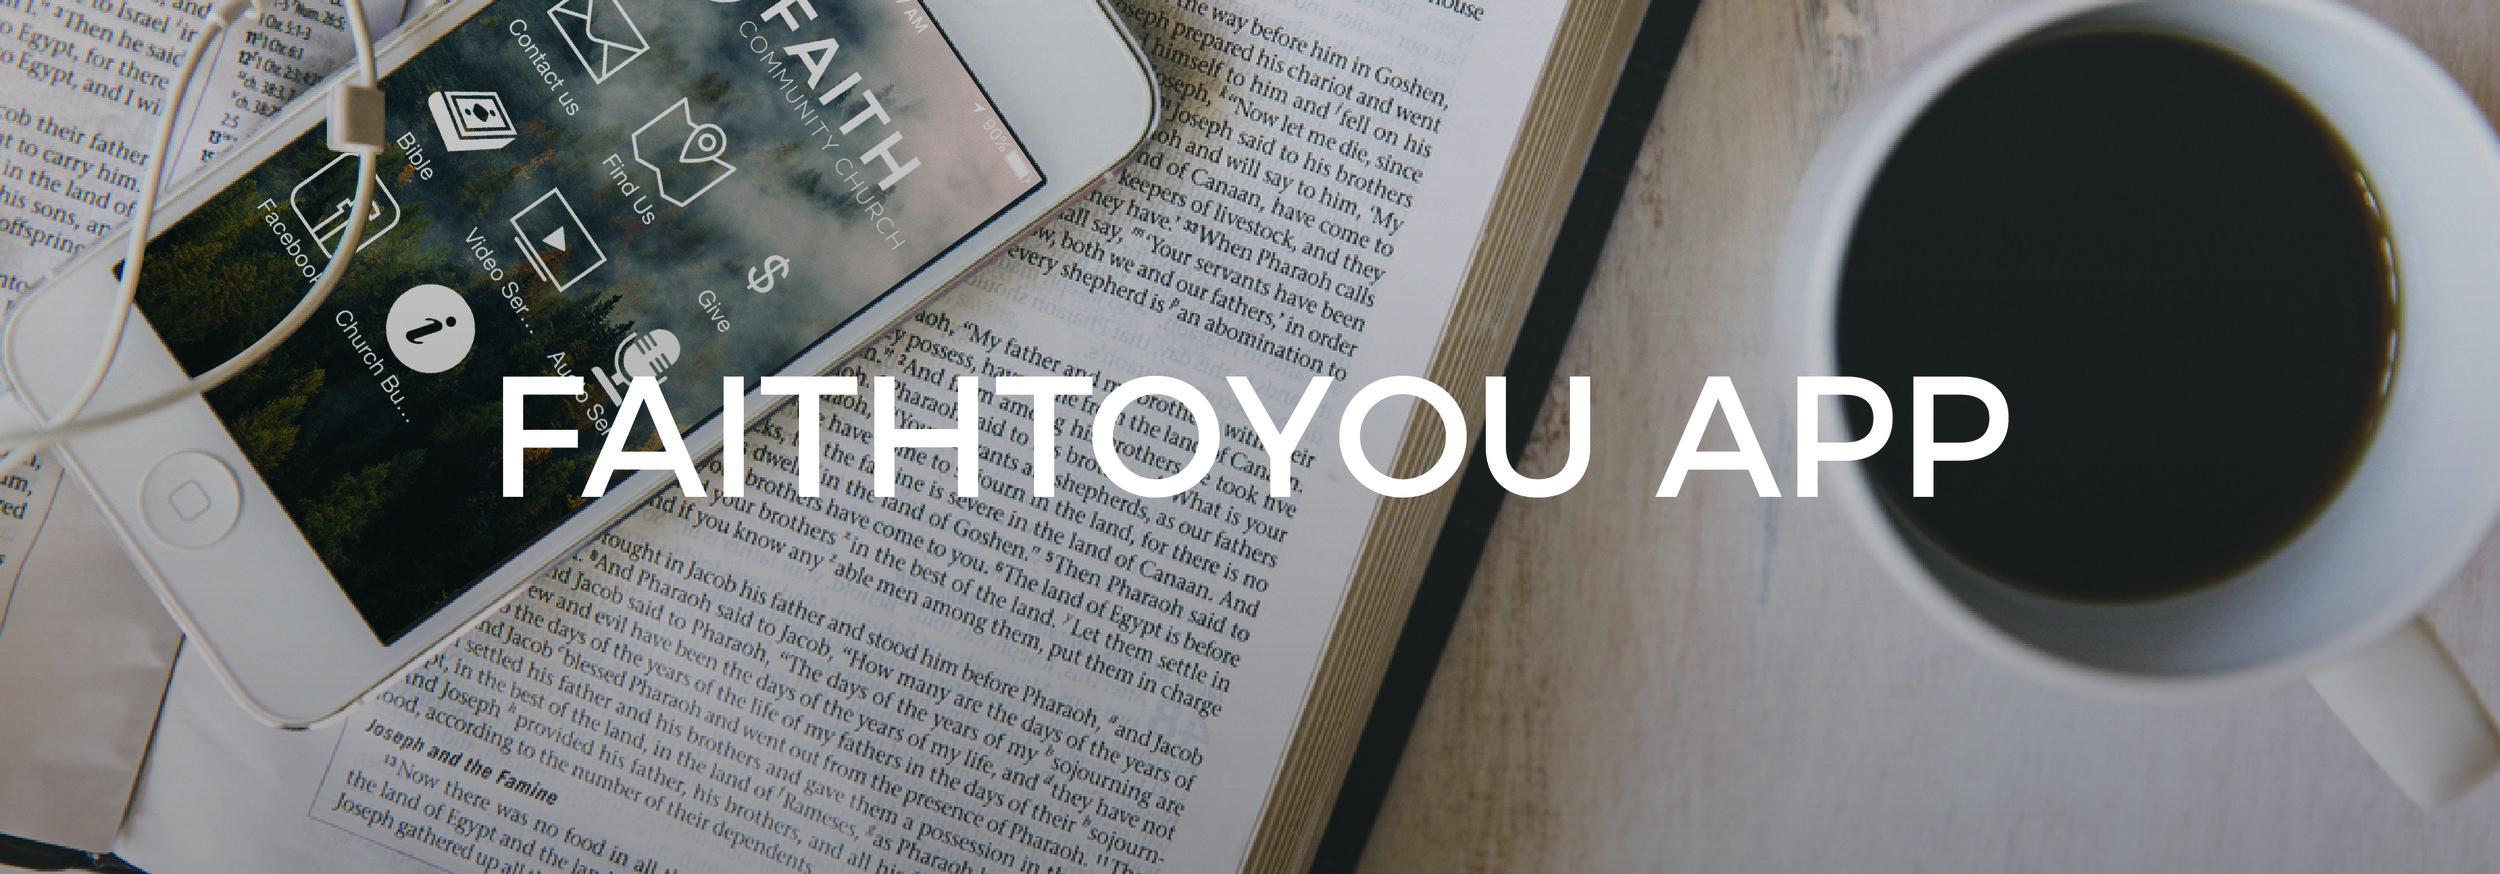 Faithtoyou App.jpg